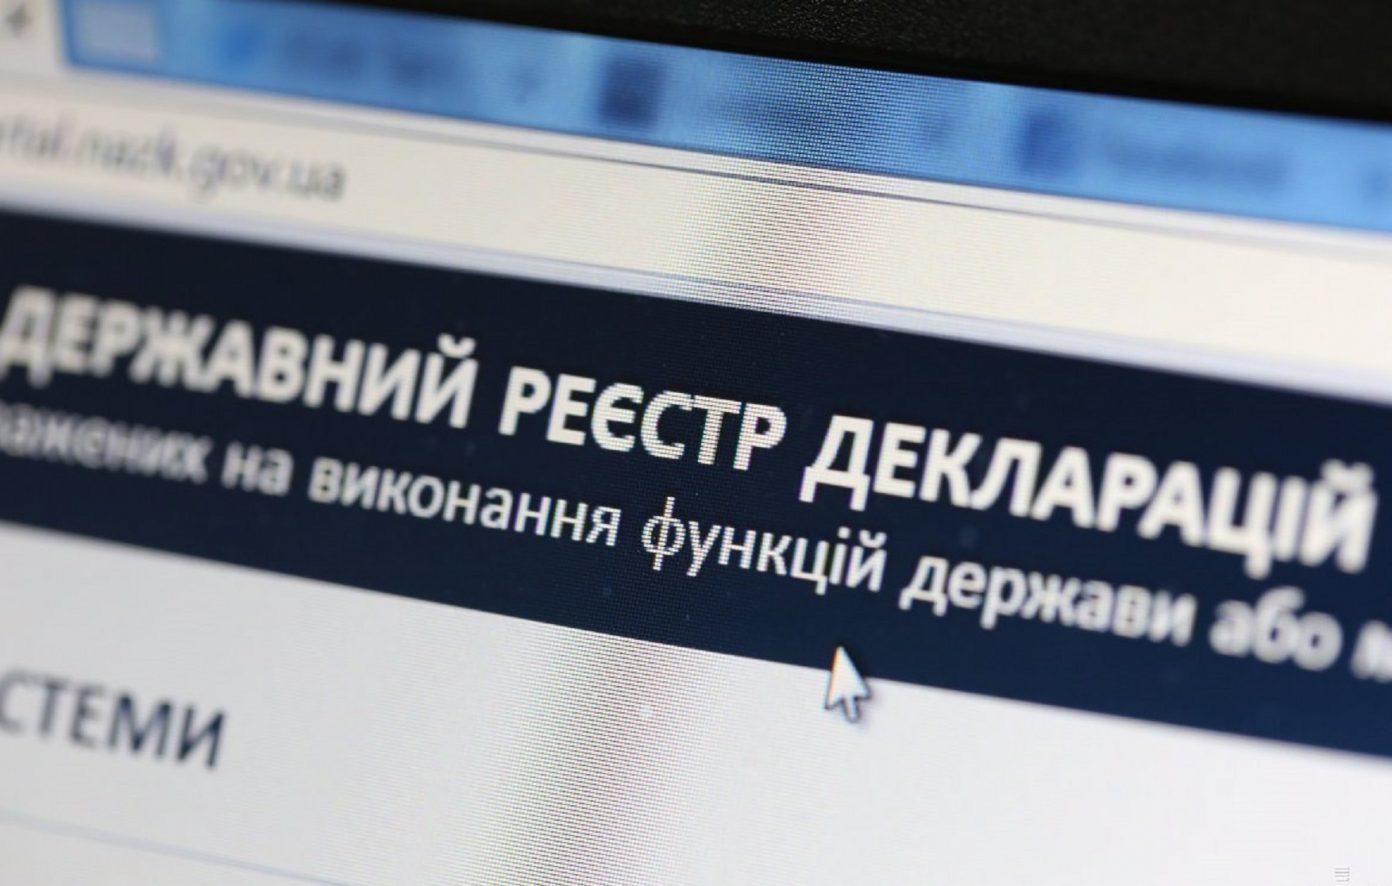 Как в Украине подать декларацию о доходах